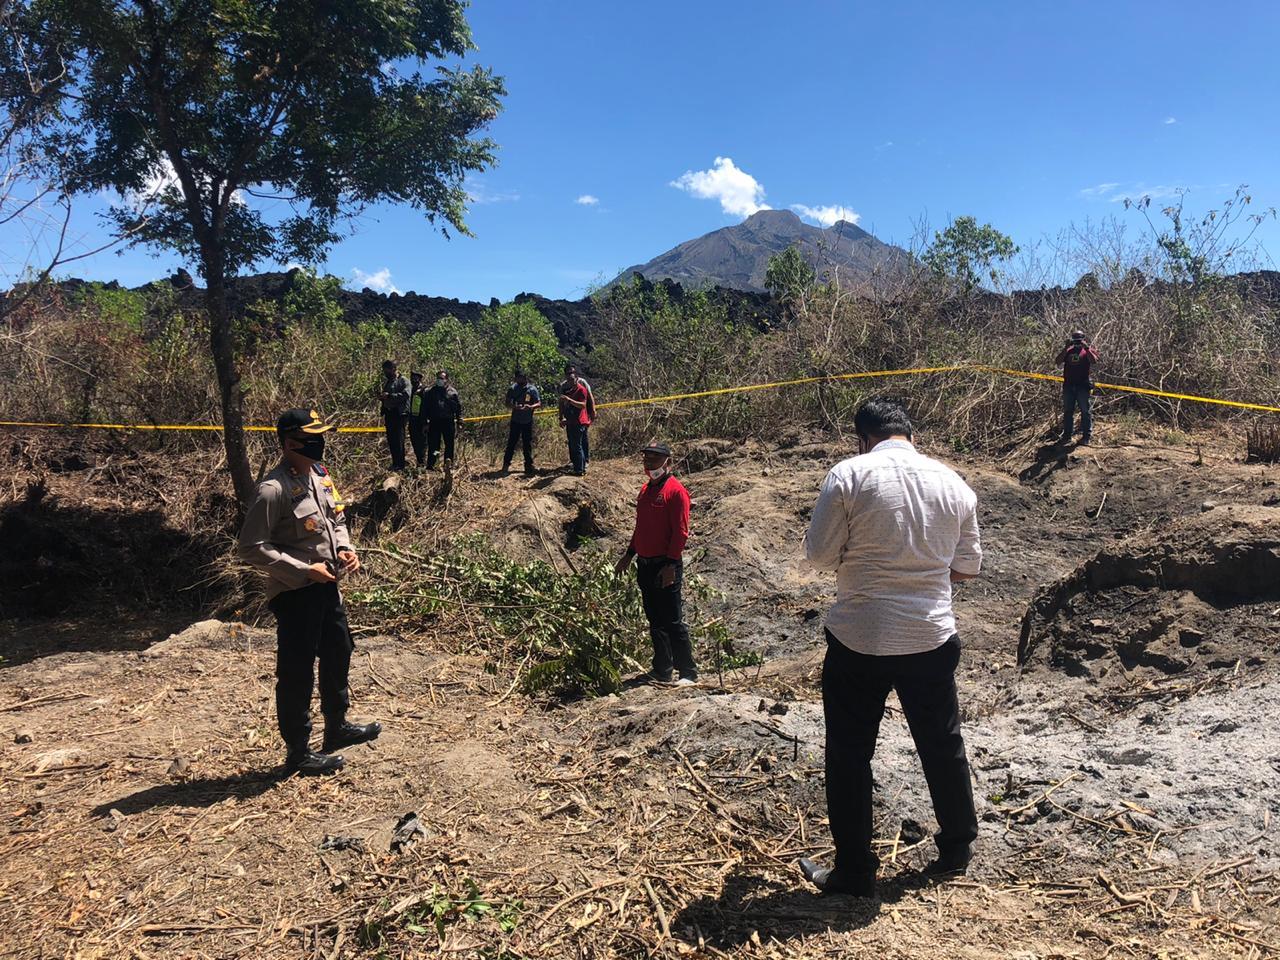 TIM identifikasi dari Polres Bangli, dipimpin Kapolres Bangli, AKBP I Gusti Agung Dhana Ariawan, melakukan olah TKP Kebakaran hutan di kawasan hutan wilayah Bukit Payang, Desa Batur Tengah, Kintamani, Rabu (30/9/2020). Foto: gia